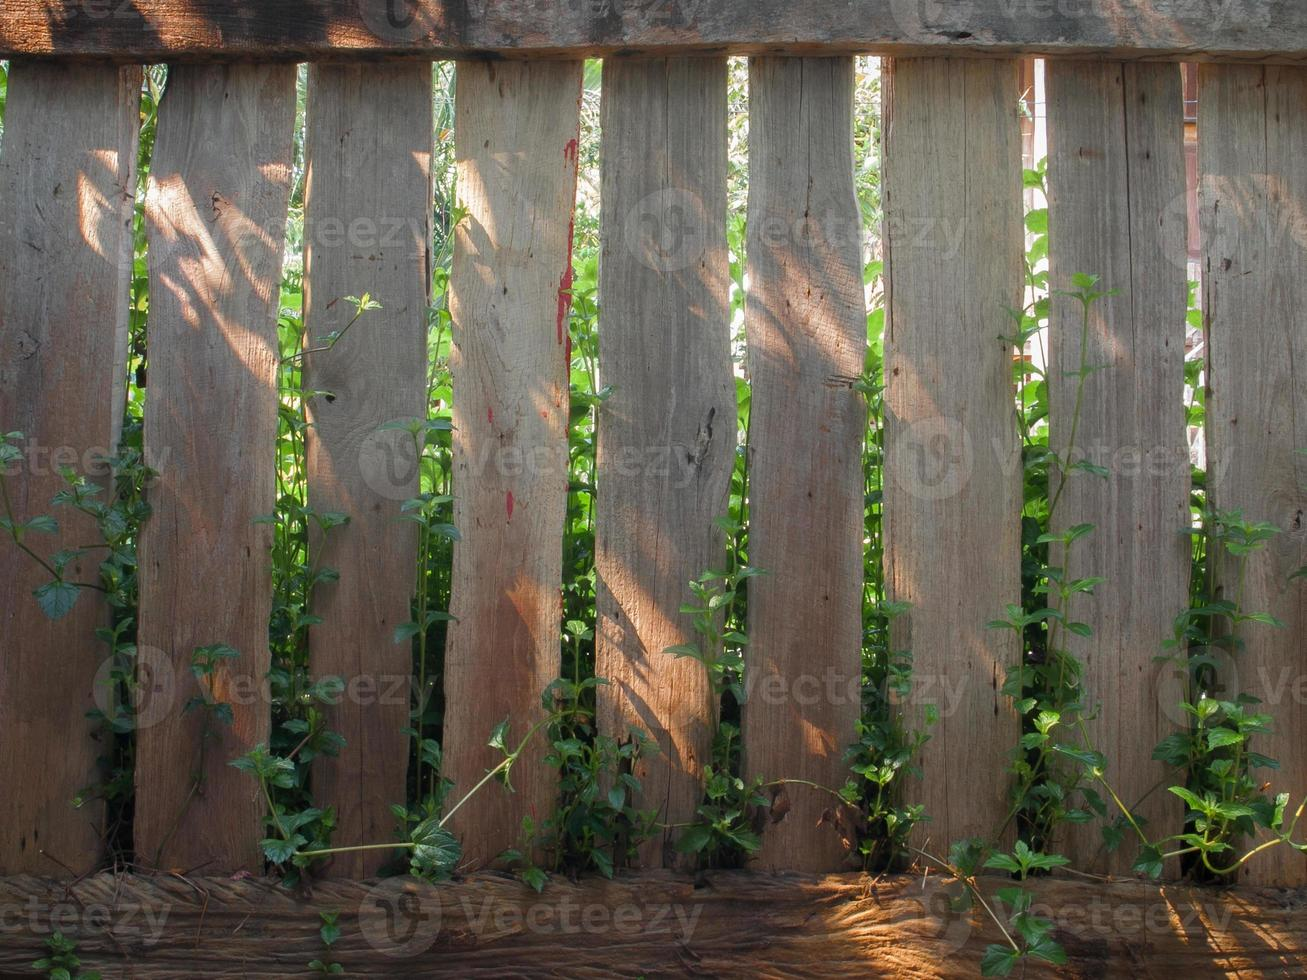 houten hek ontwerp. foto